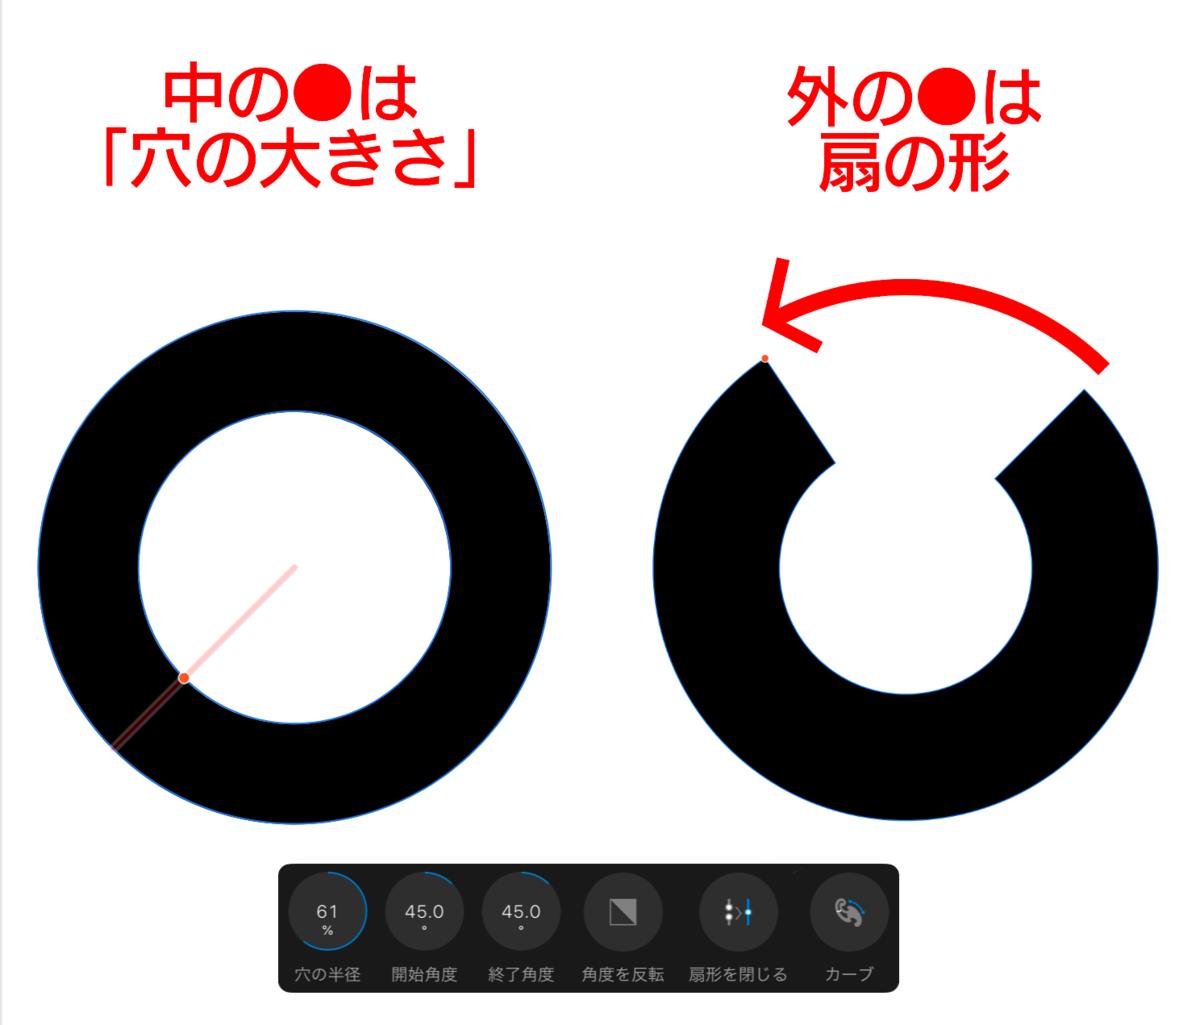 f:id:shioaji78:20200604172718p:plain